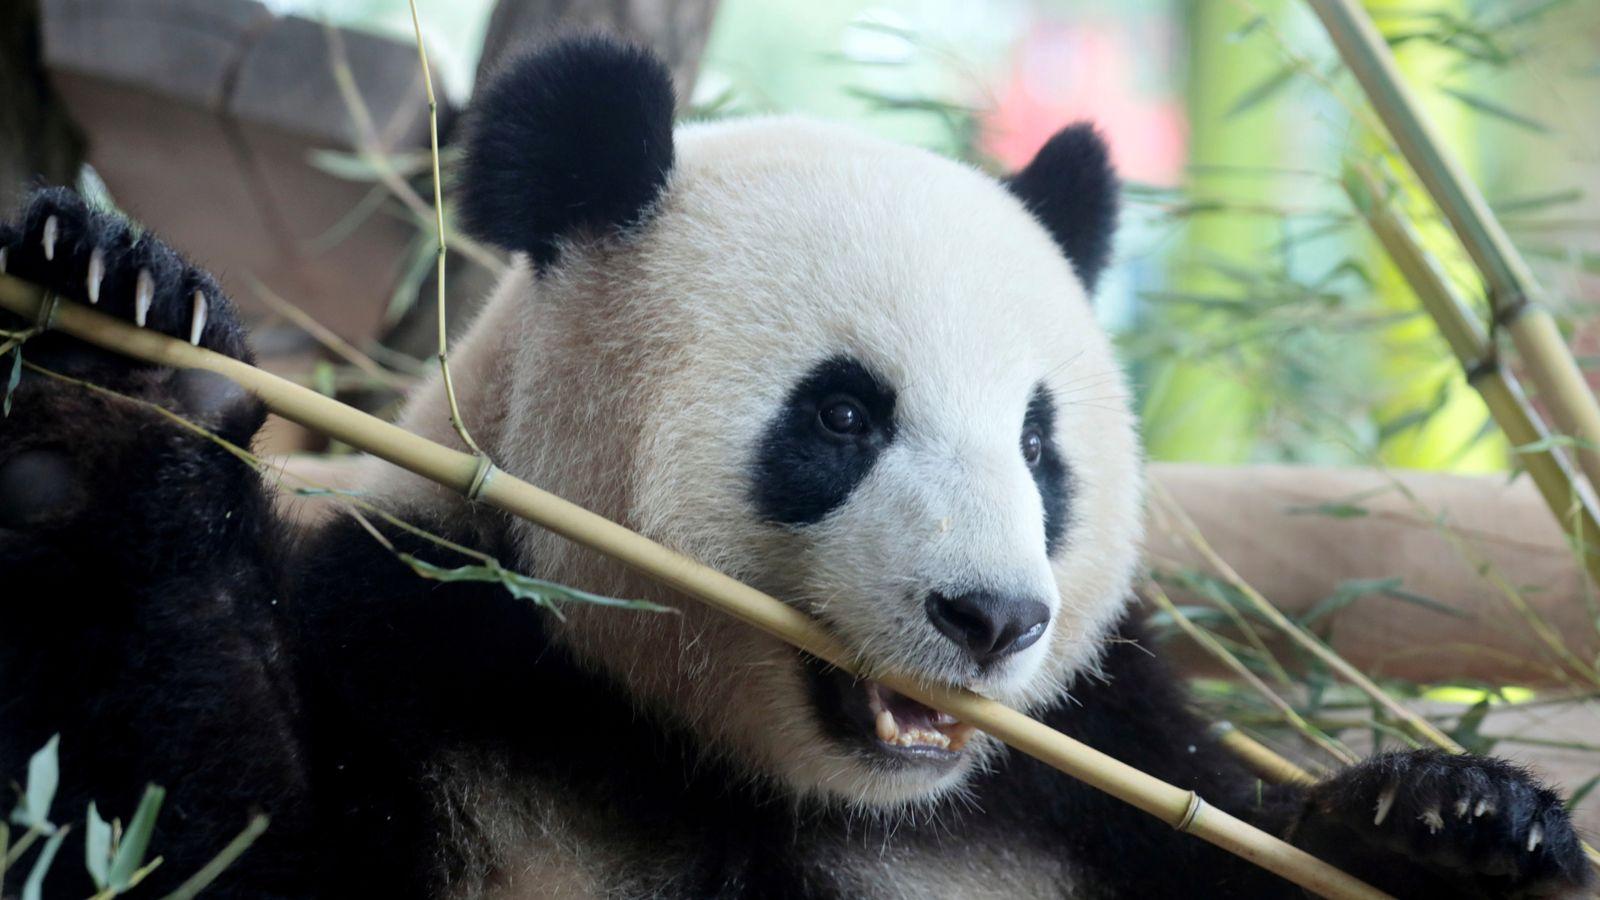 Love Zoo Will Sex Cure Pandas Habit Of Walking Backwards-8142